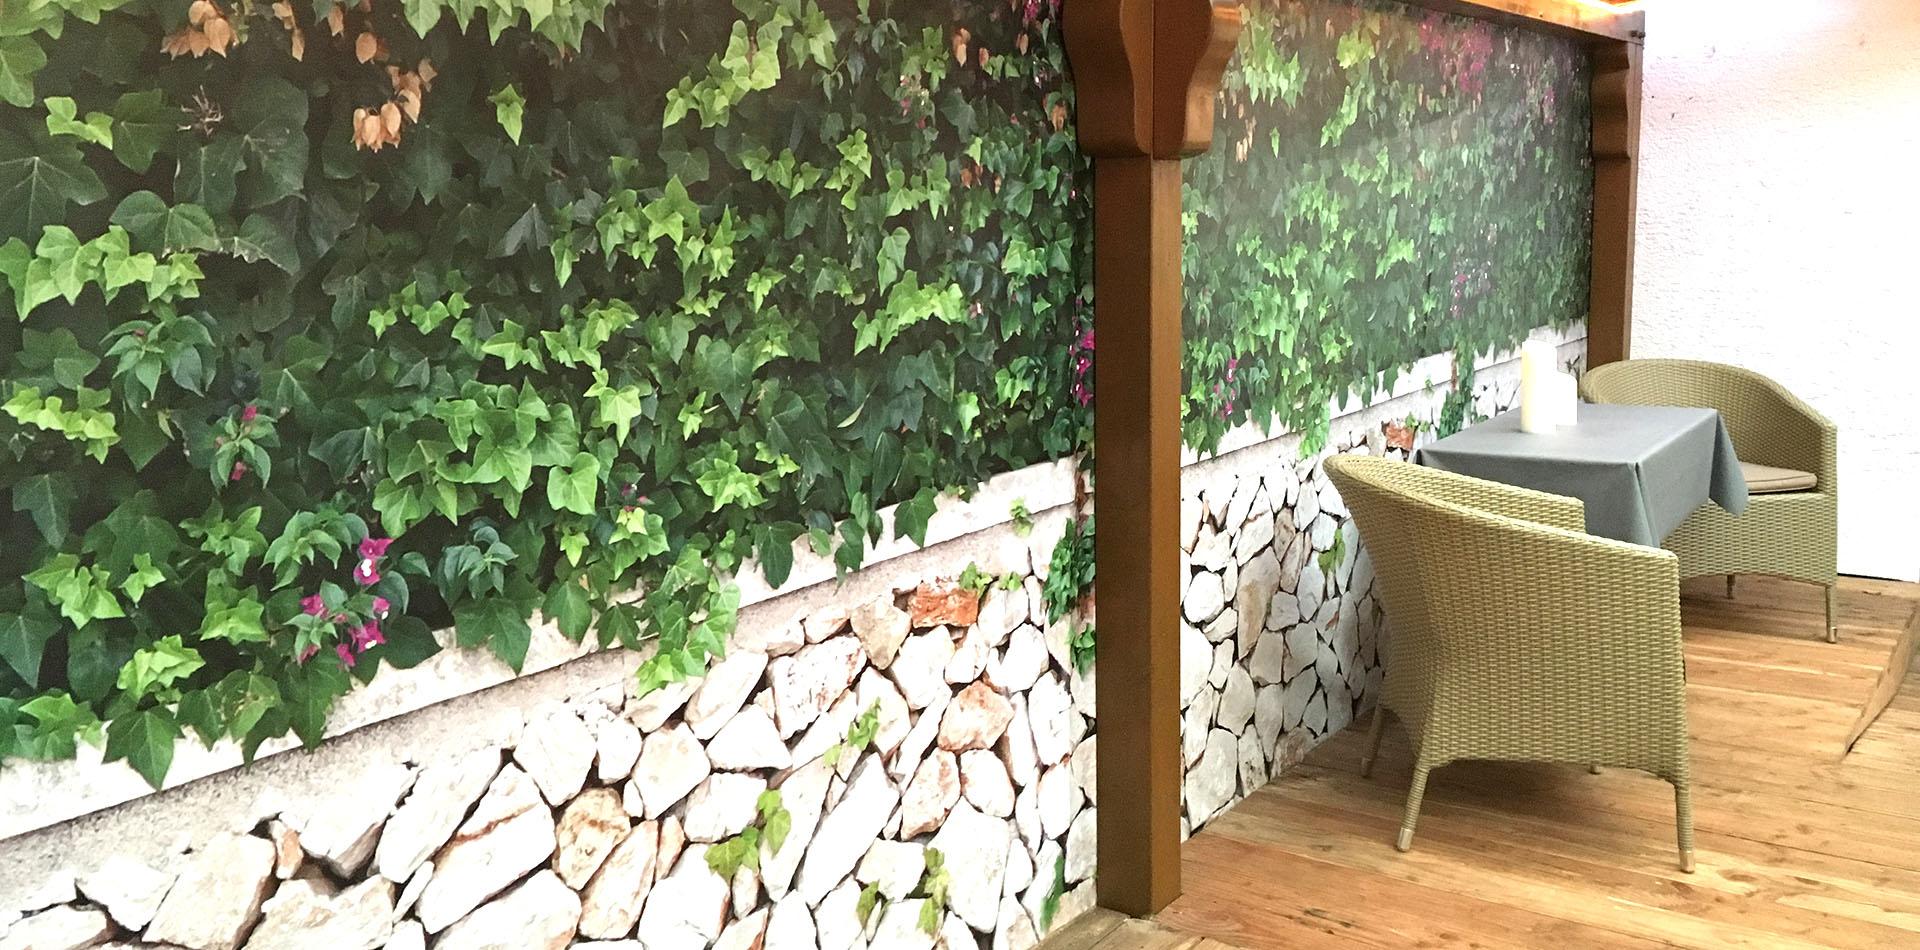 Full Size of Sichtschutz Garten Metall Bauhaus Obi Wpc Rost Hornbach Anthrazit Trennwand Schweiz Glas Ikea Sthetischer Fr Den Von Myfence Loungemöbel Holz Kugelleuchten Garten Trennwand Garten